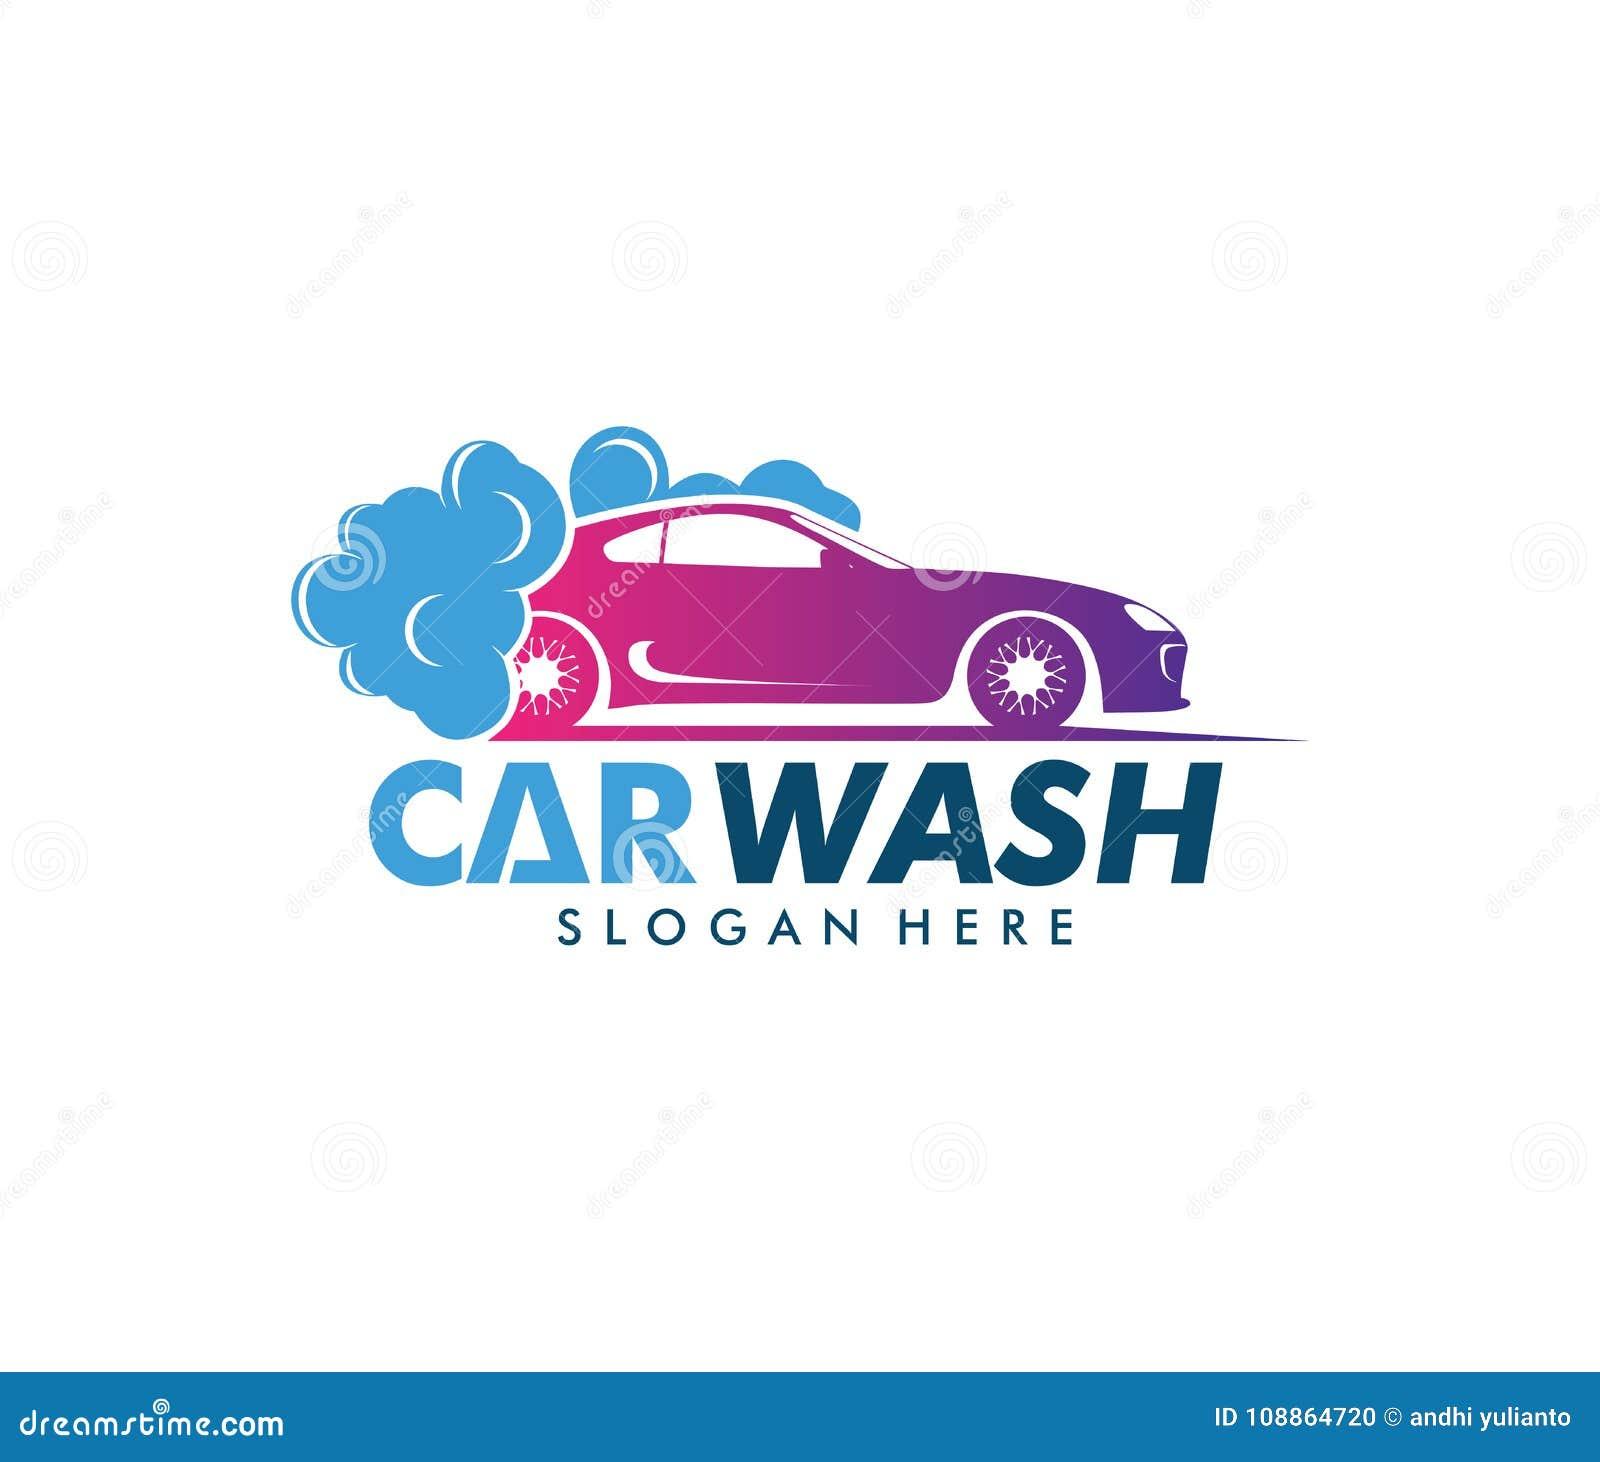 Projeto do logotipo do vetor do serviço da lavagem de carros, manutenção da lavagem de carros